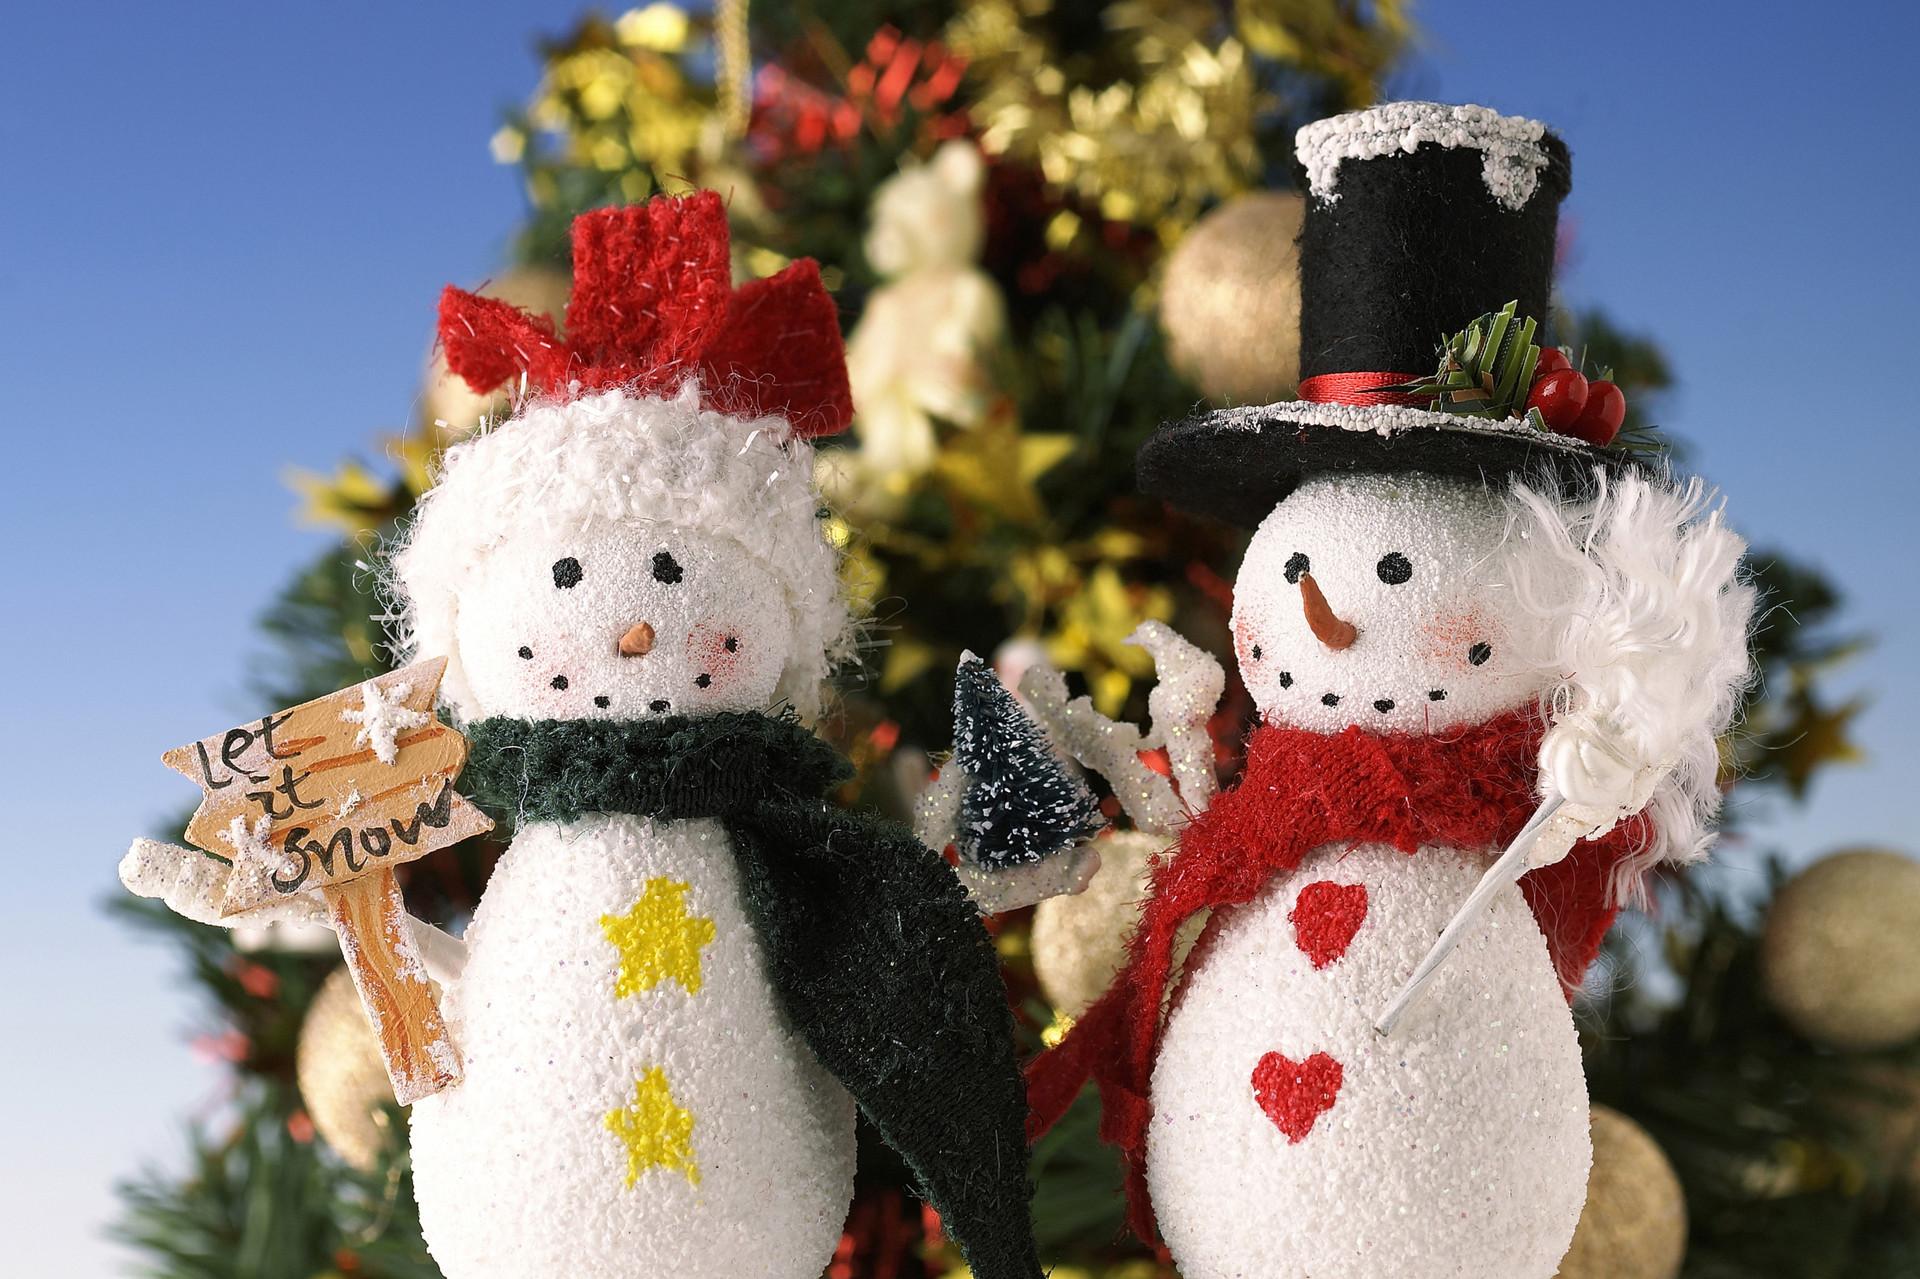 Картинки новогодних снеговиков, онлайн для